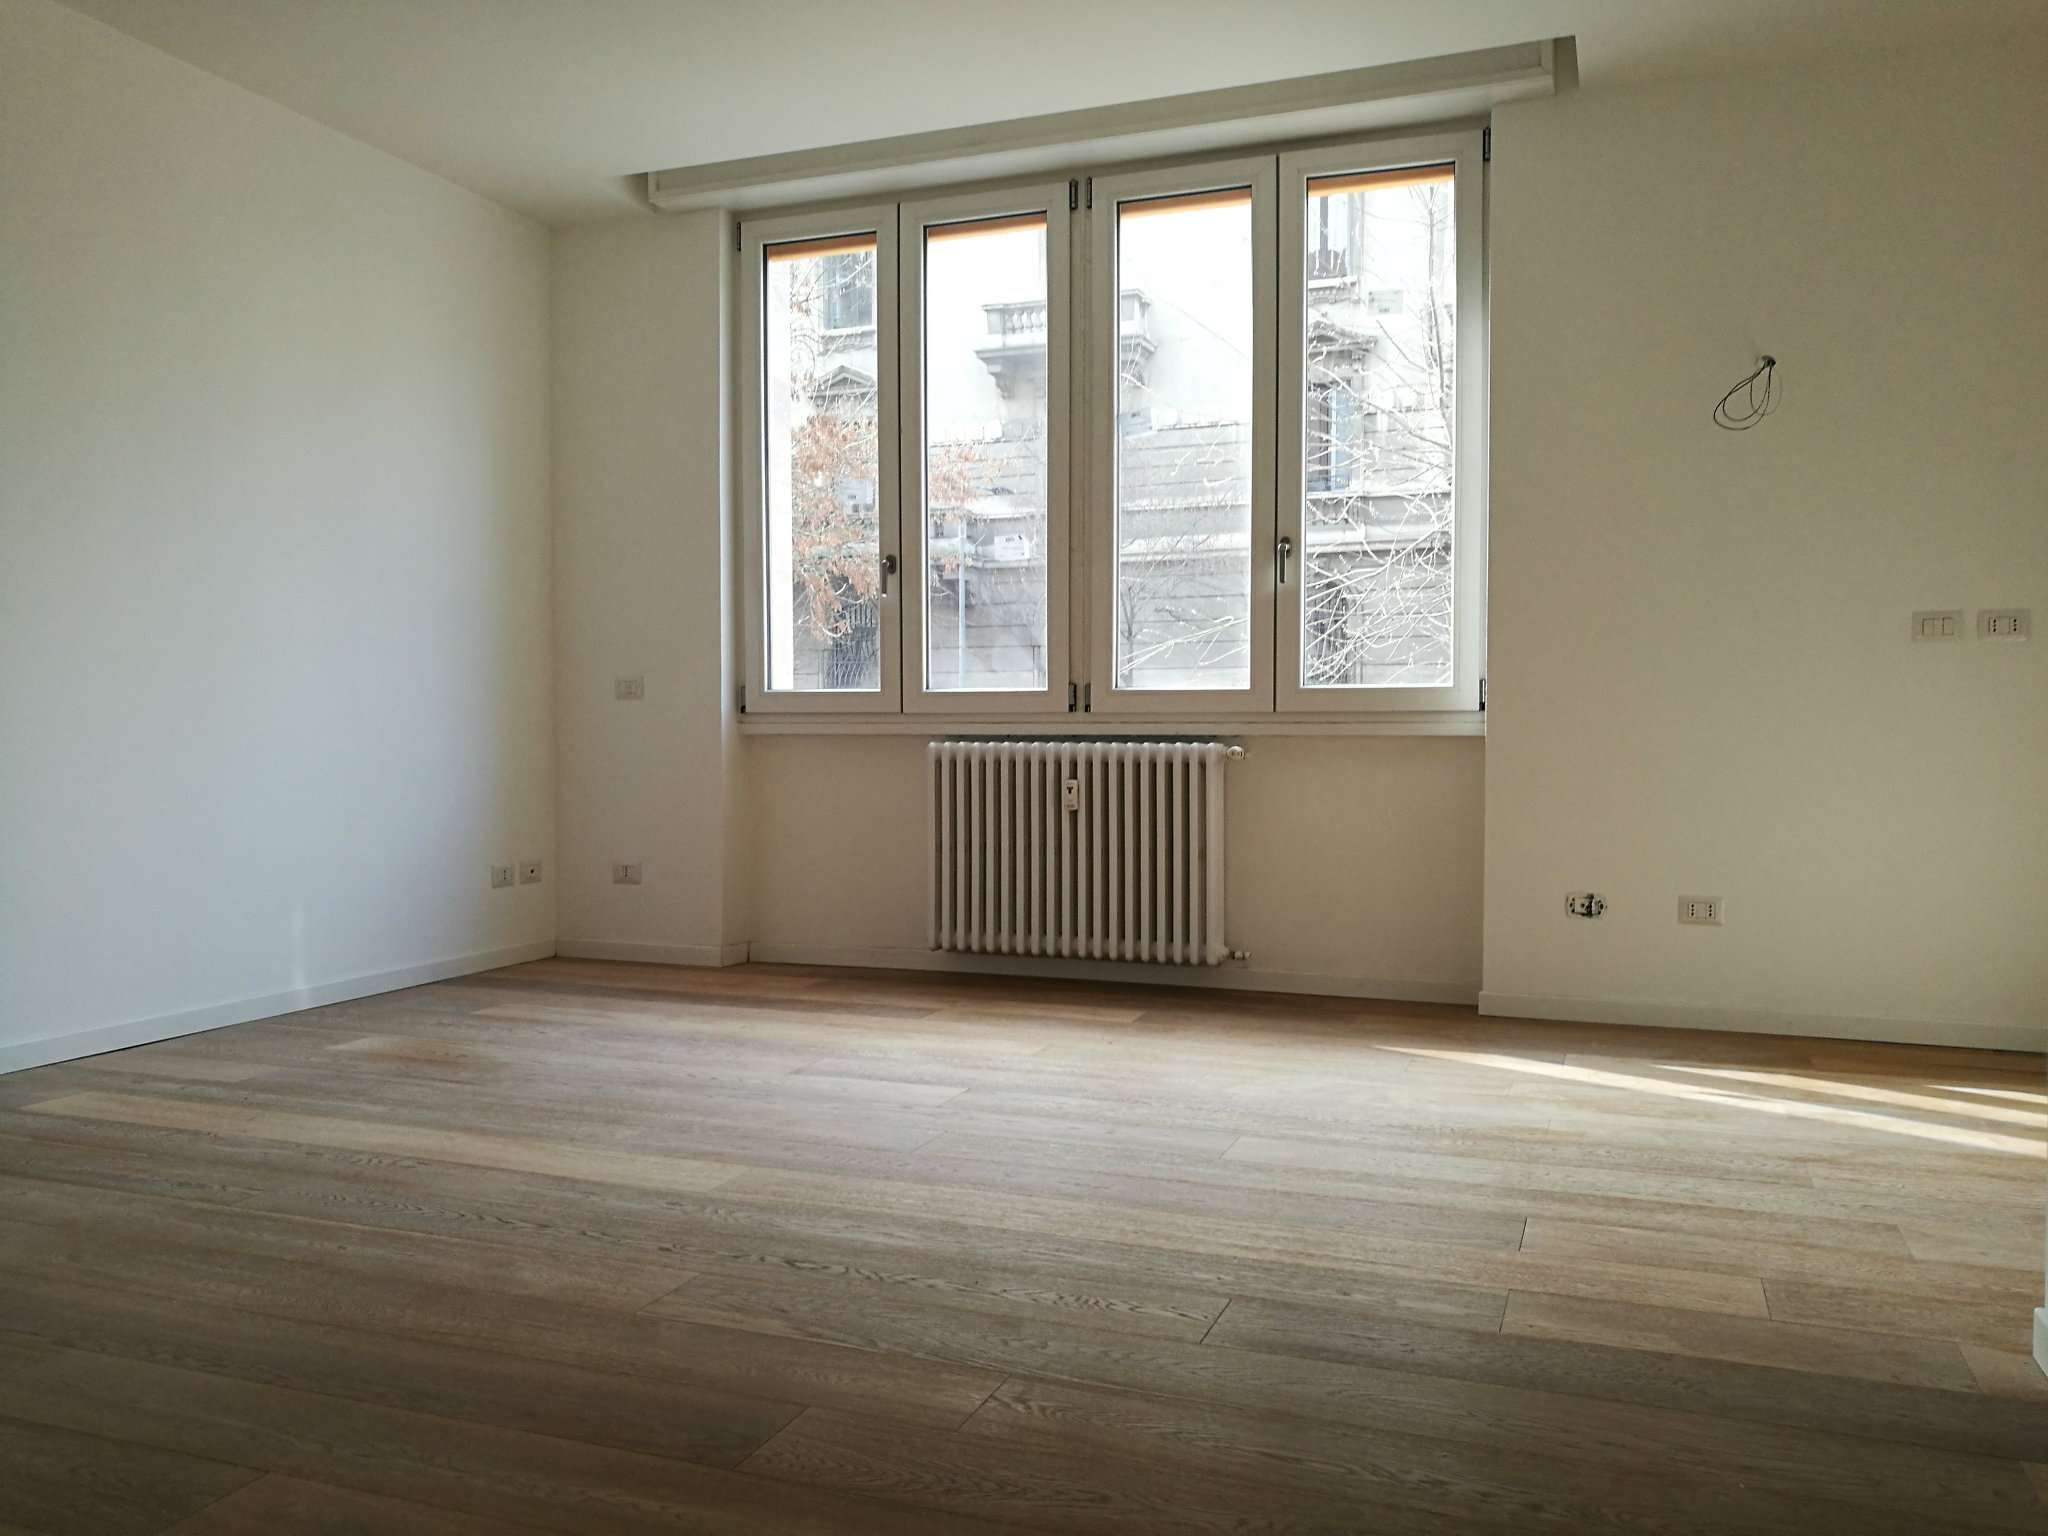 Appartamento in vendita a Milano, 2 locali, zona Zona: 15 . Fiera, Firenze, Sempione, Pagano, Amendola, Paolo Sarpi, Arena, prezzo € 245.000 | Cambio Casa.it